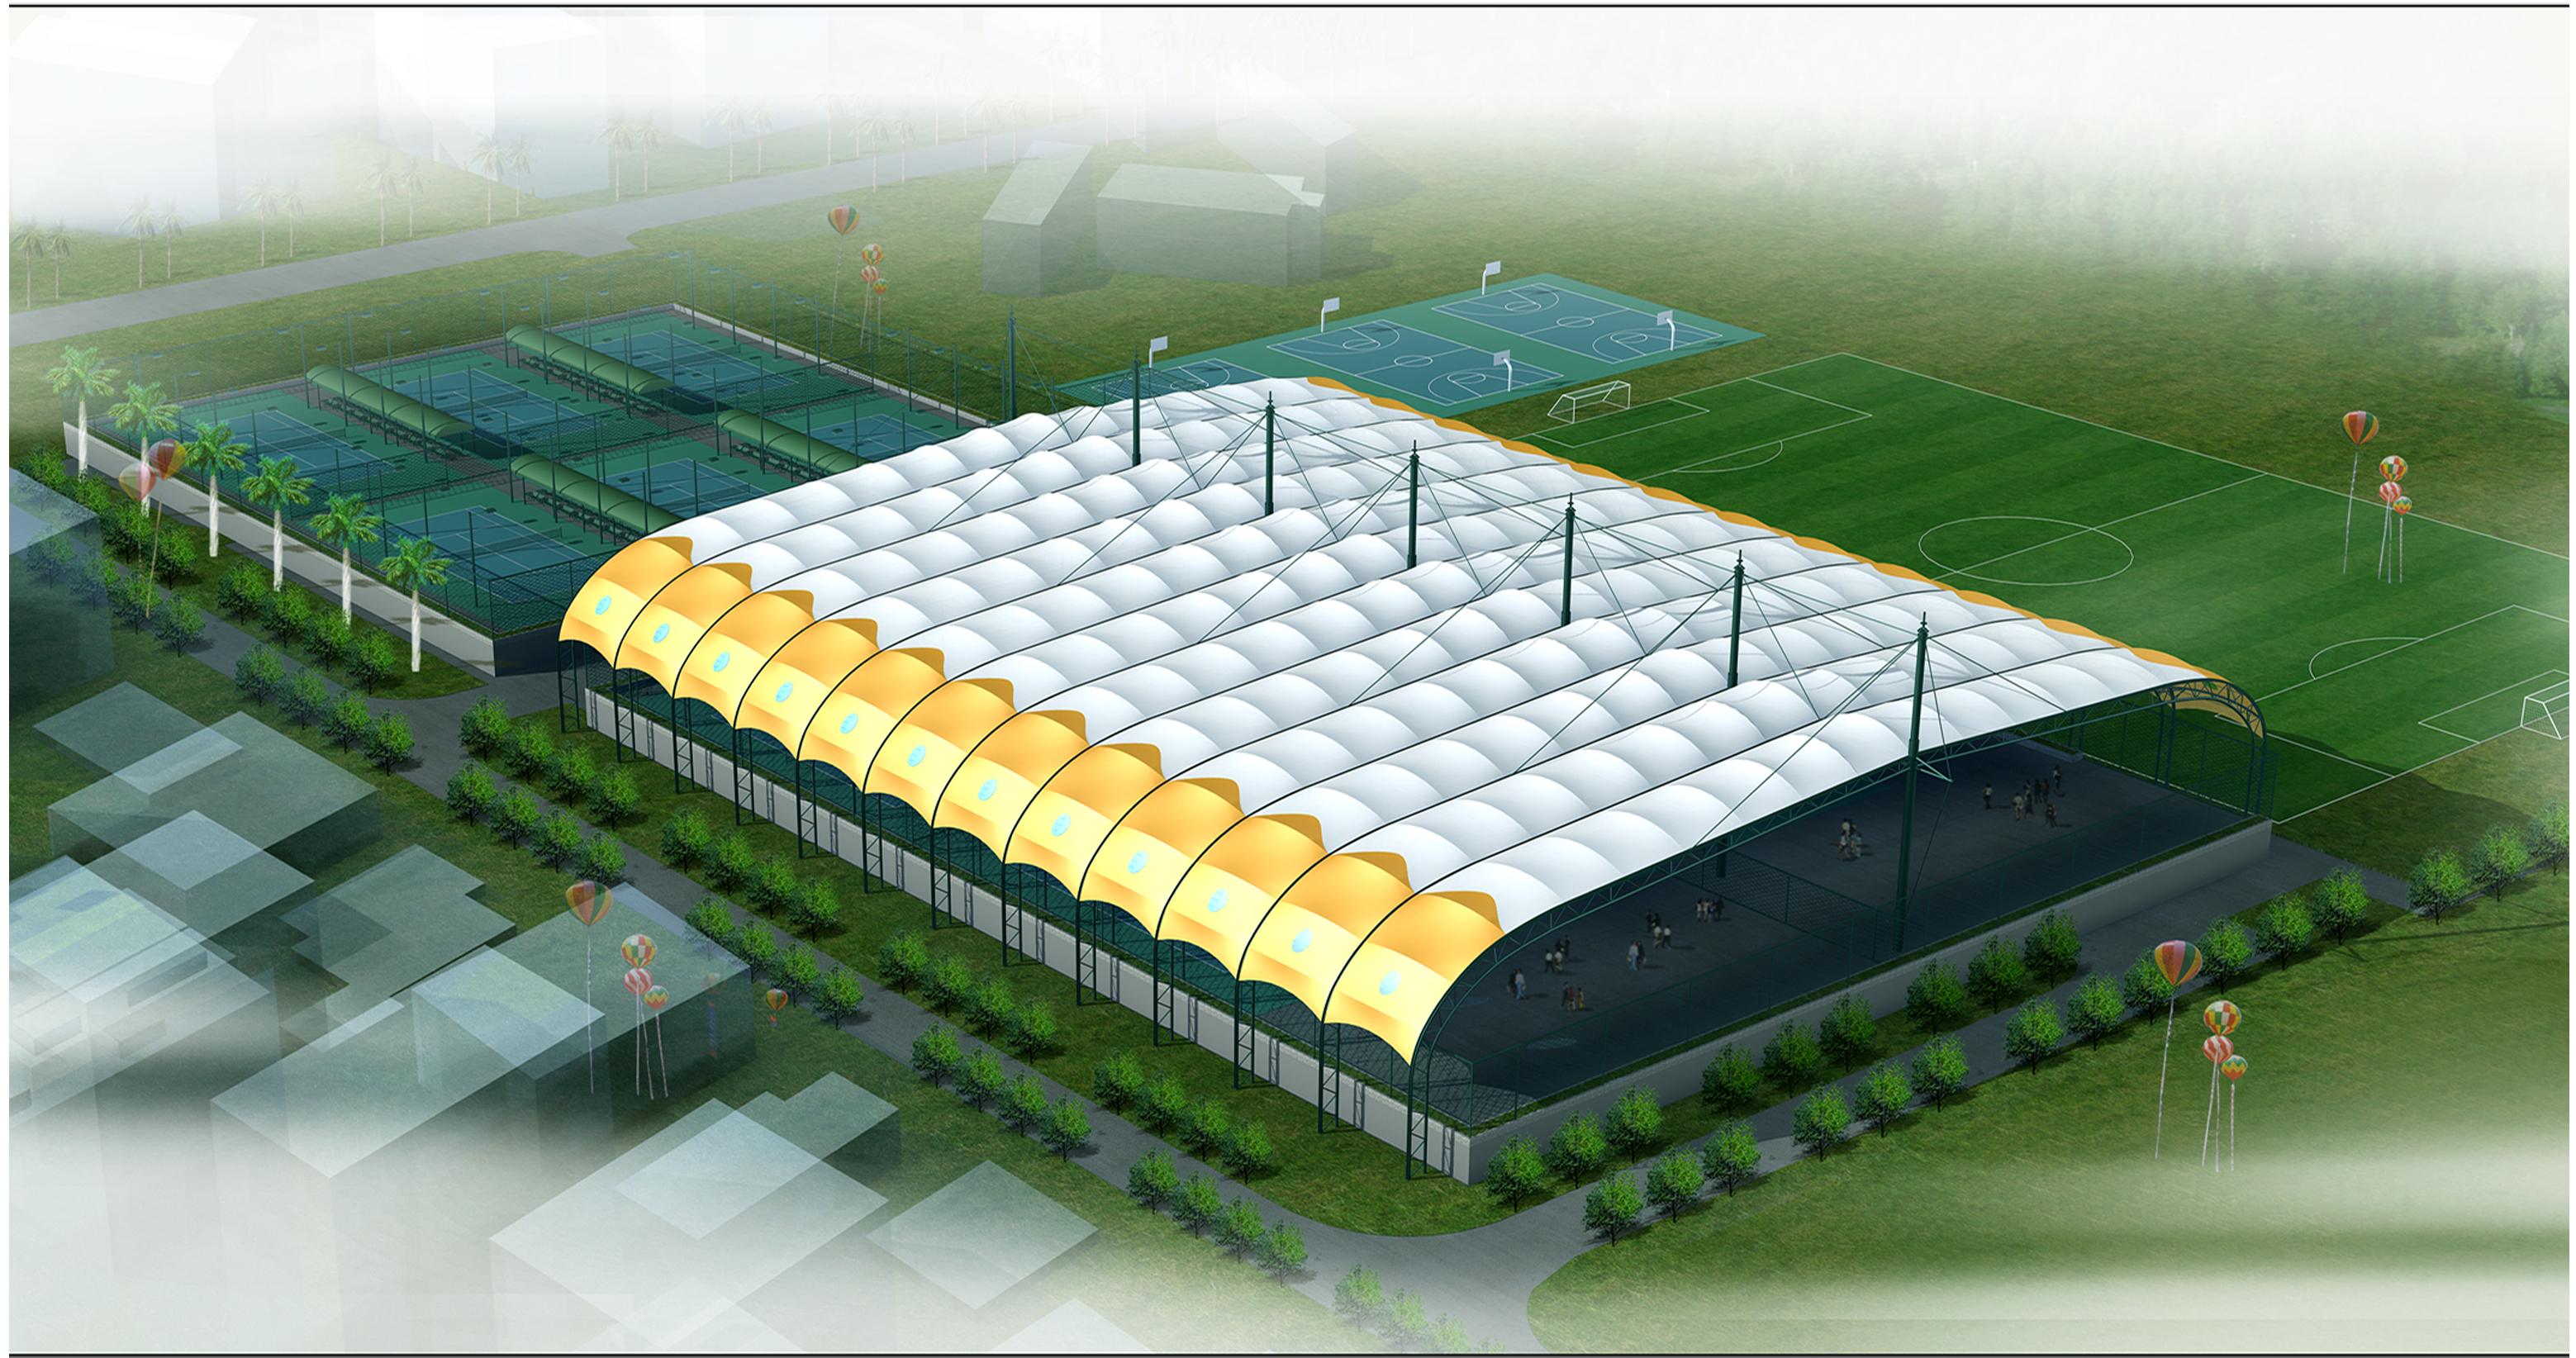 遮阳棚膜结构工程